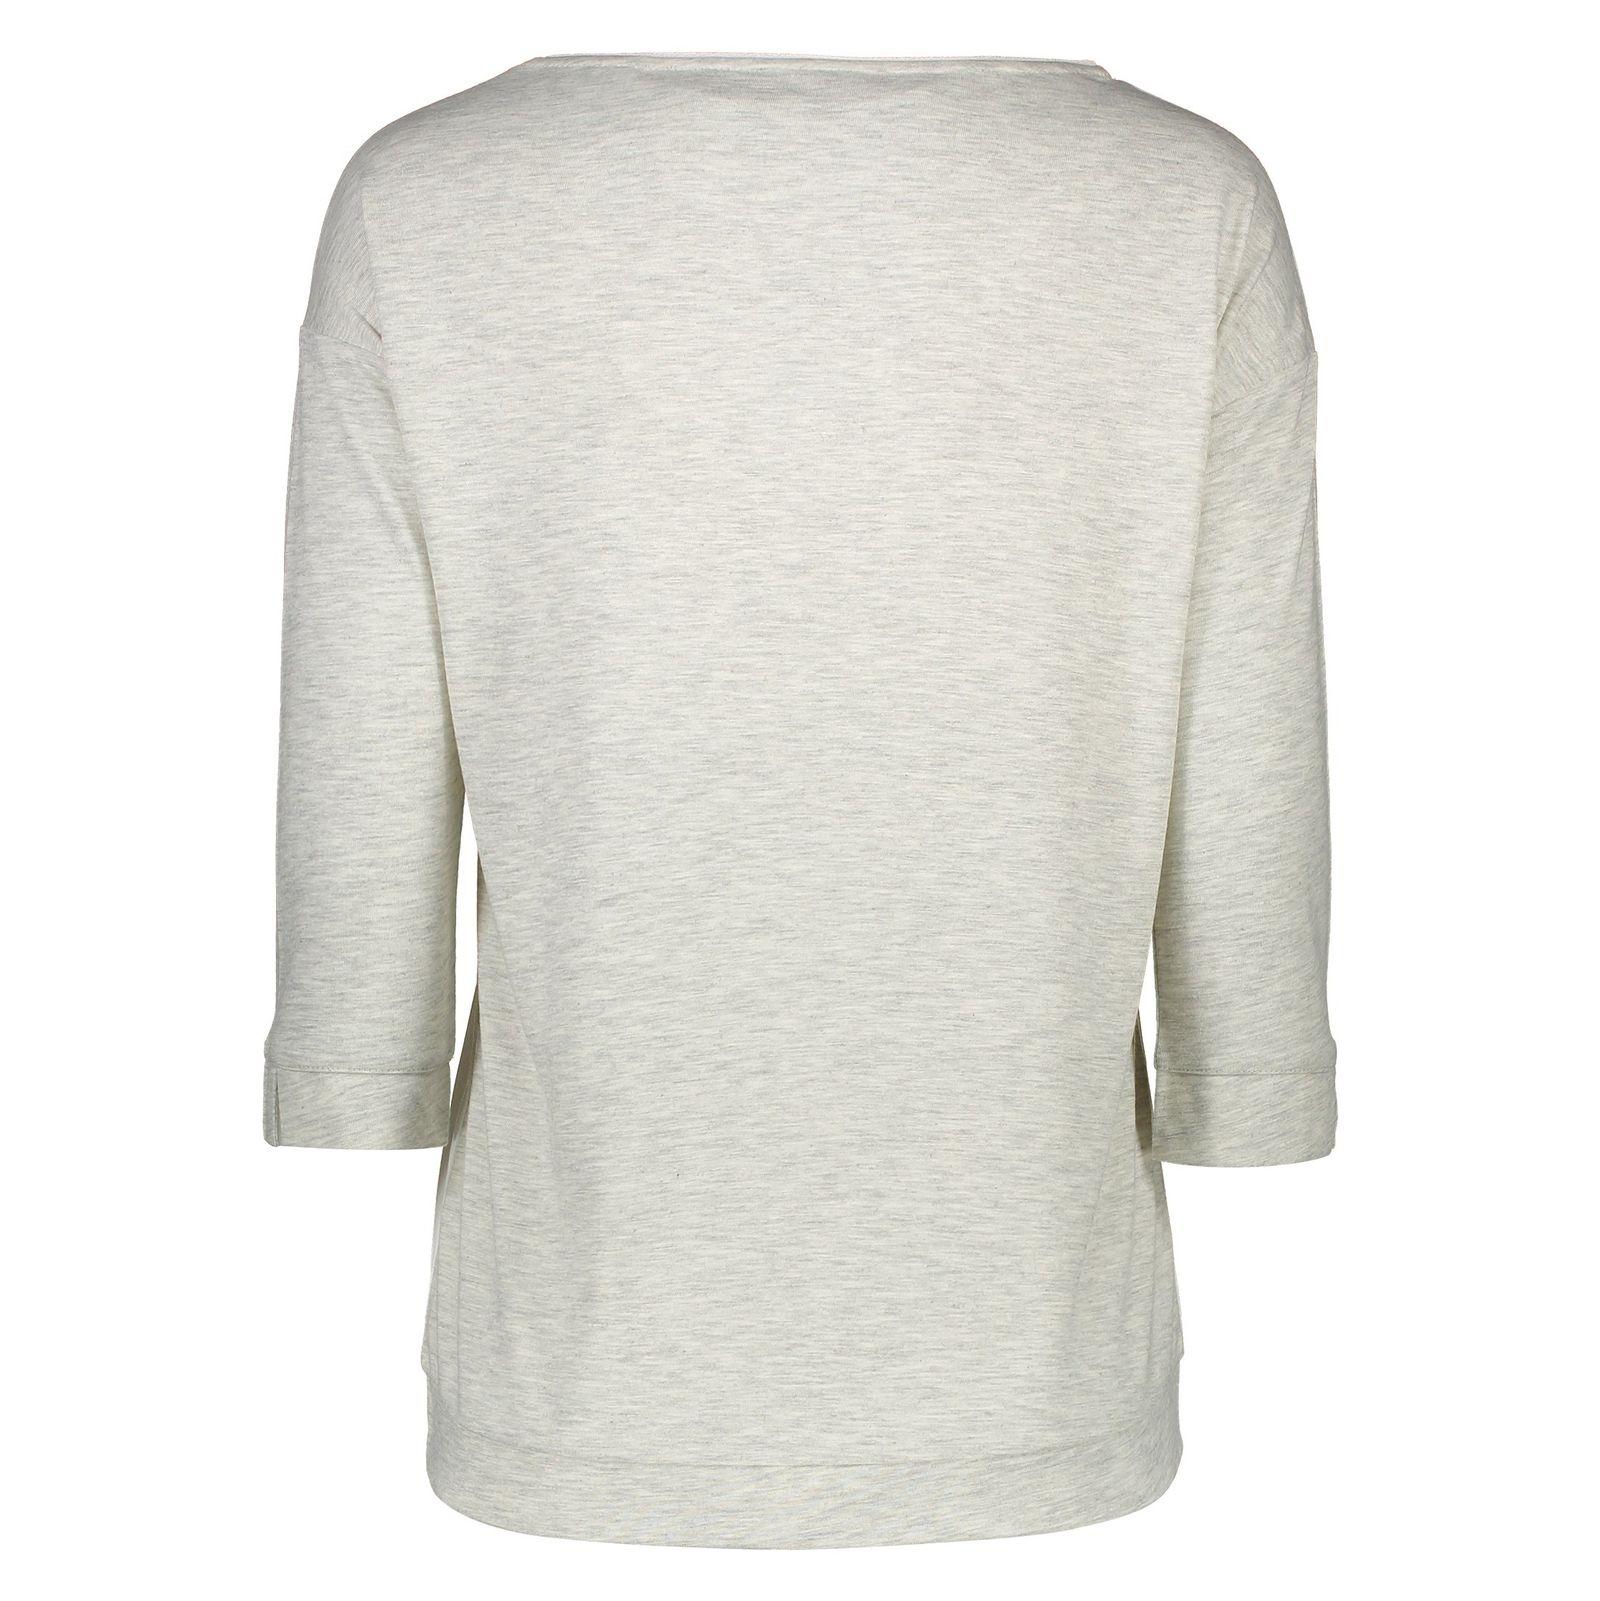 تی شرت یقه گرد زنانه - اس.اولیور - طوسي روشن - 2